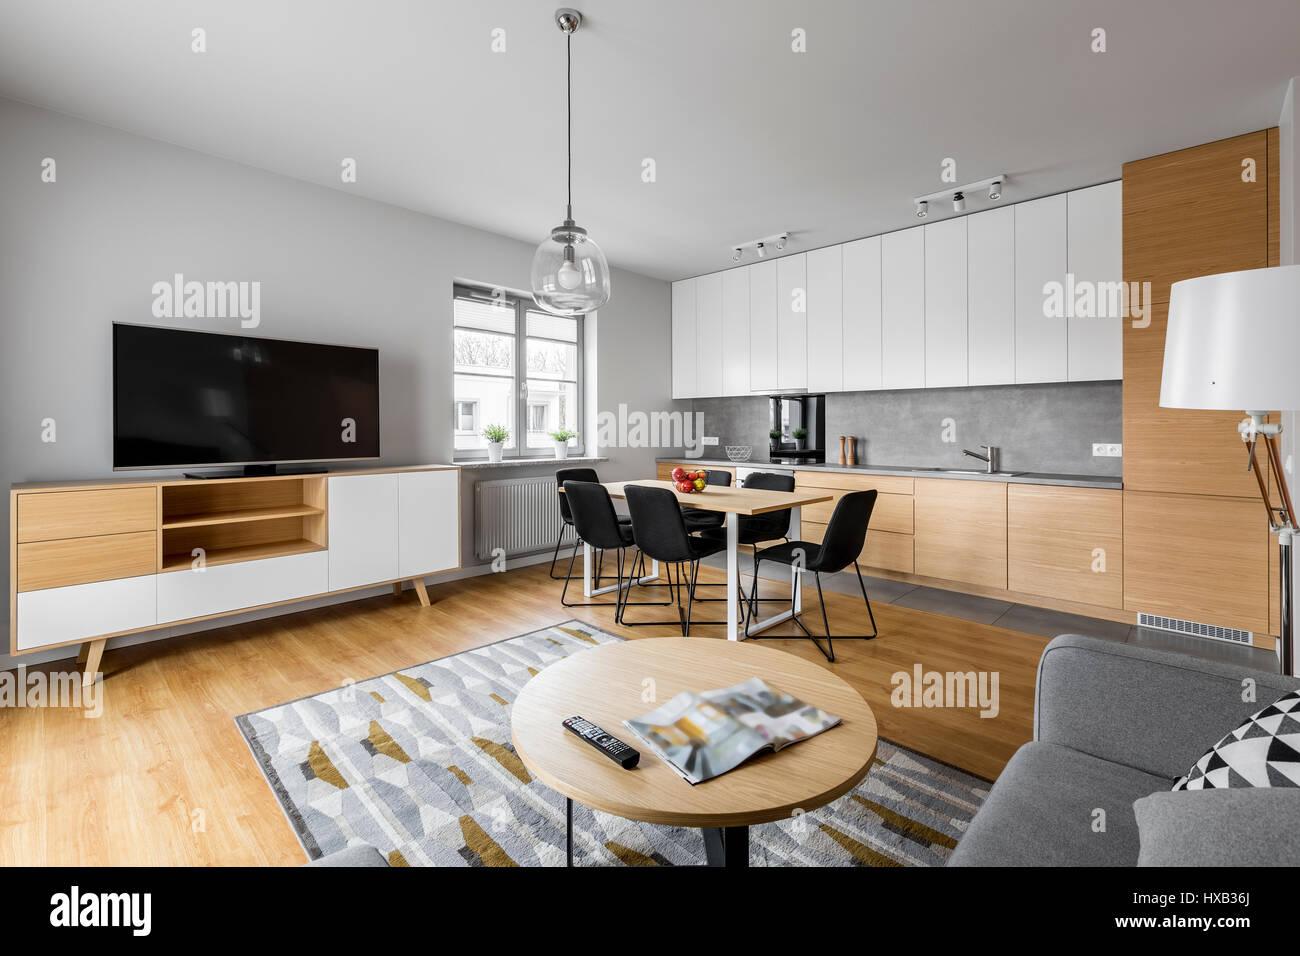 Moderner offener Raum Küche mit Wohnzimmer und großer ...